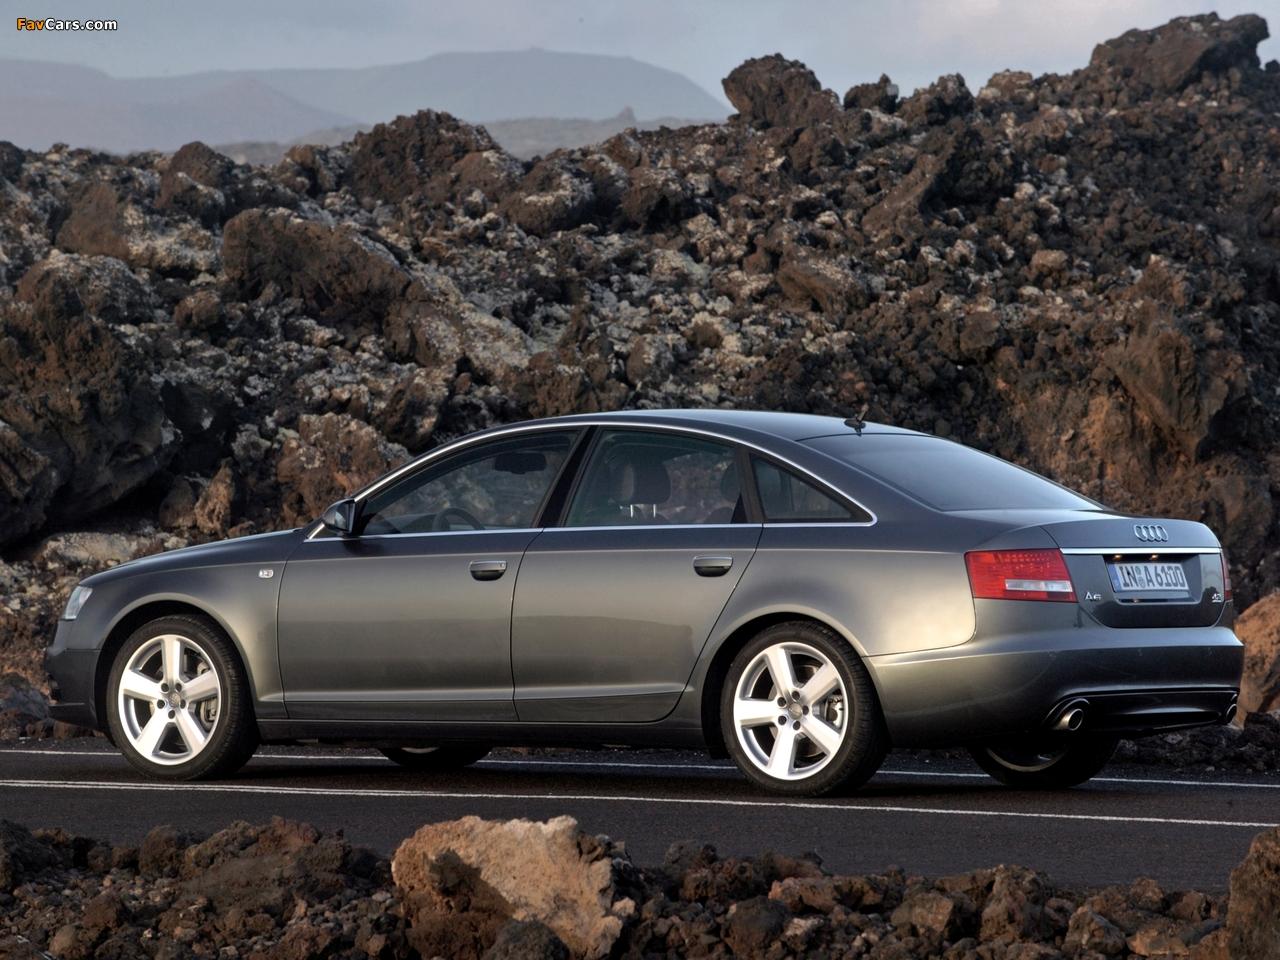 Audi A6 4 2 Quattro S Line Sedan 4f C6 2005 08 Images